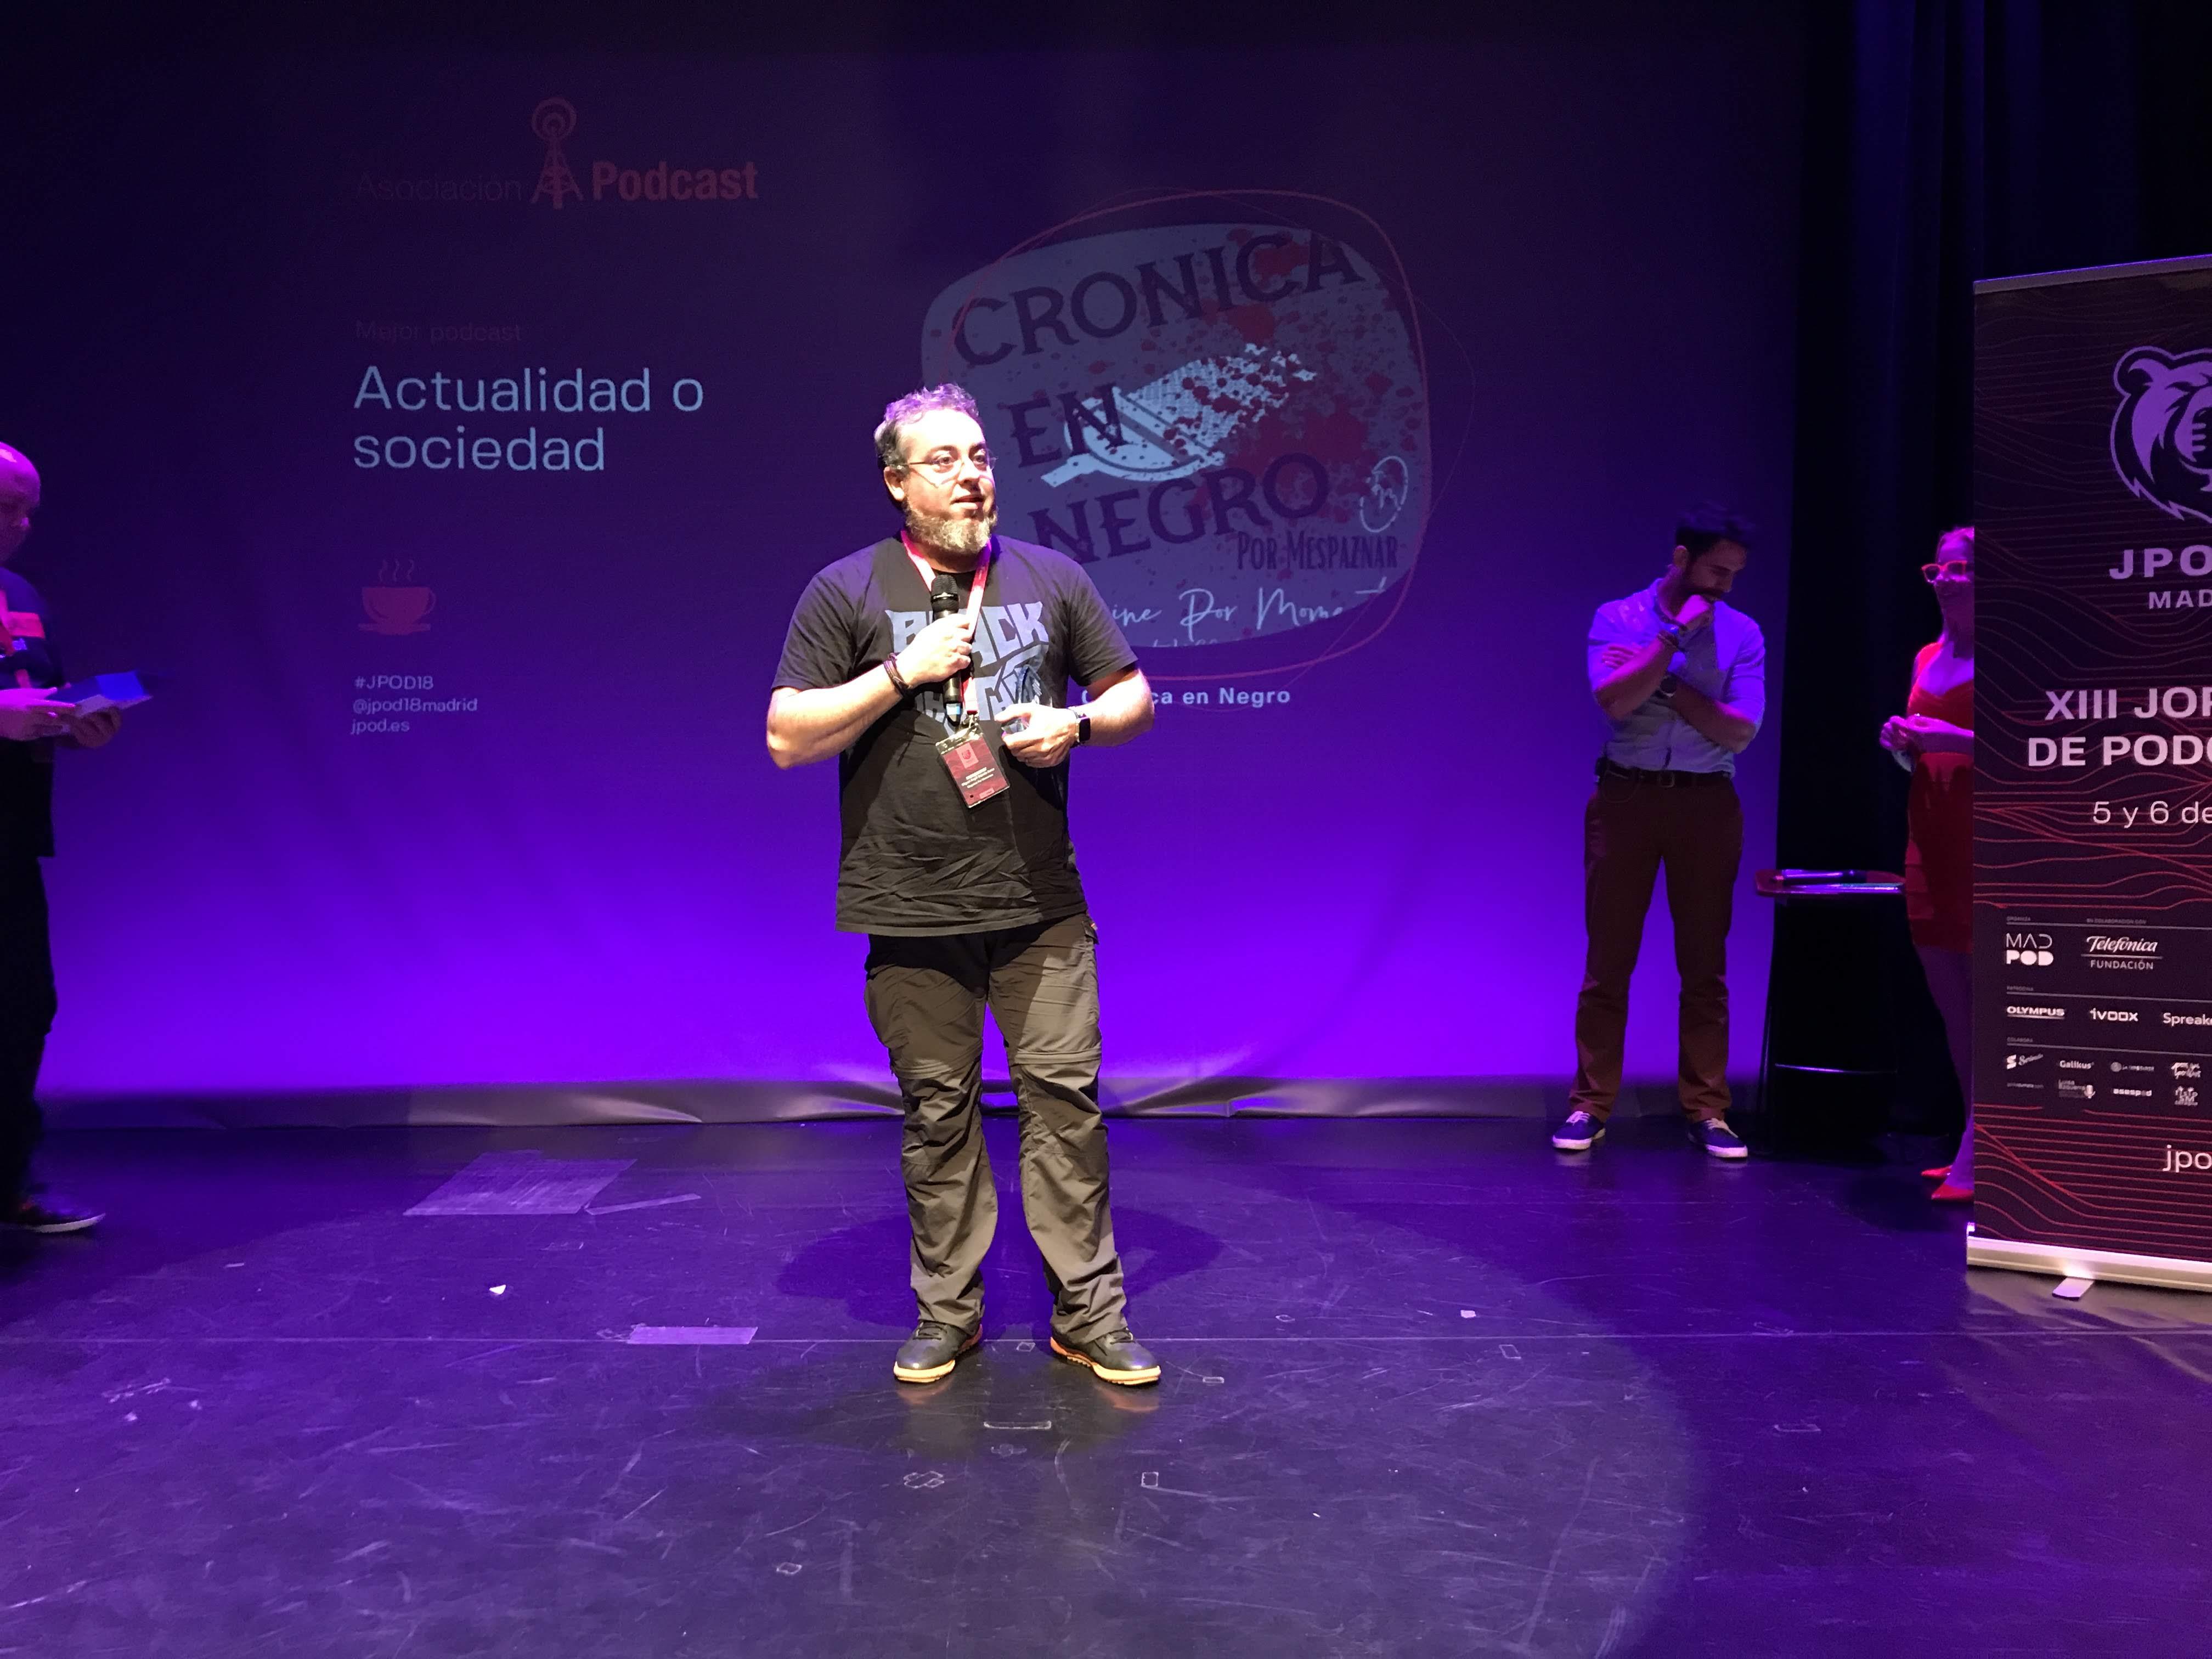 Foto: Alfonso Buenavista - Crónica en negro, ganador del premio al Mejor Podcast de Actualidad y Sociedad 2018 en la IX Edición de los premios de la Asociación Podcast.